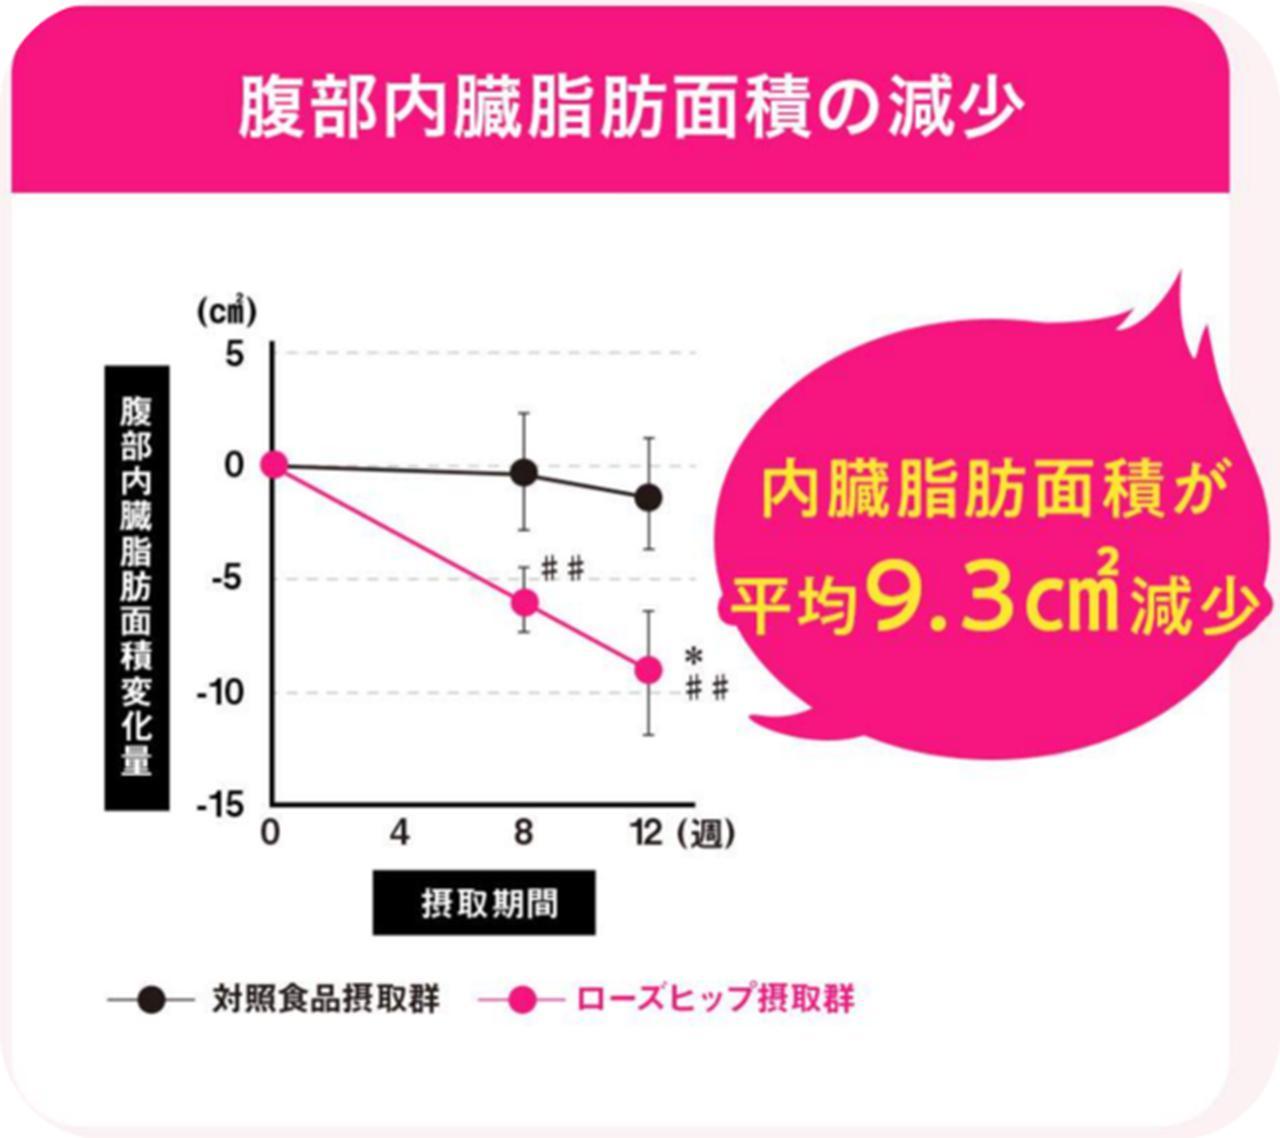 画像2: ローズヒップのチカラで内臓脂肪を減らす「FATDOWN(ファットダウン)」